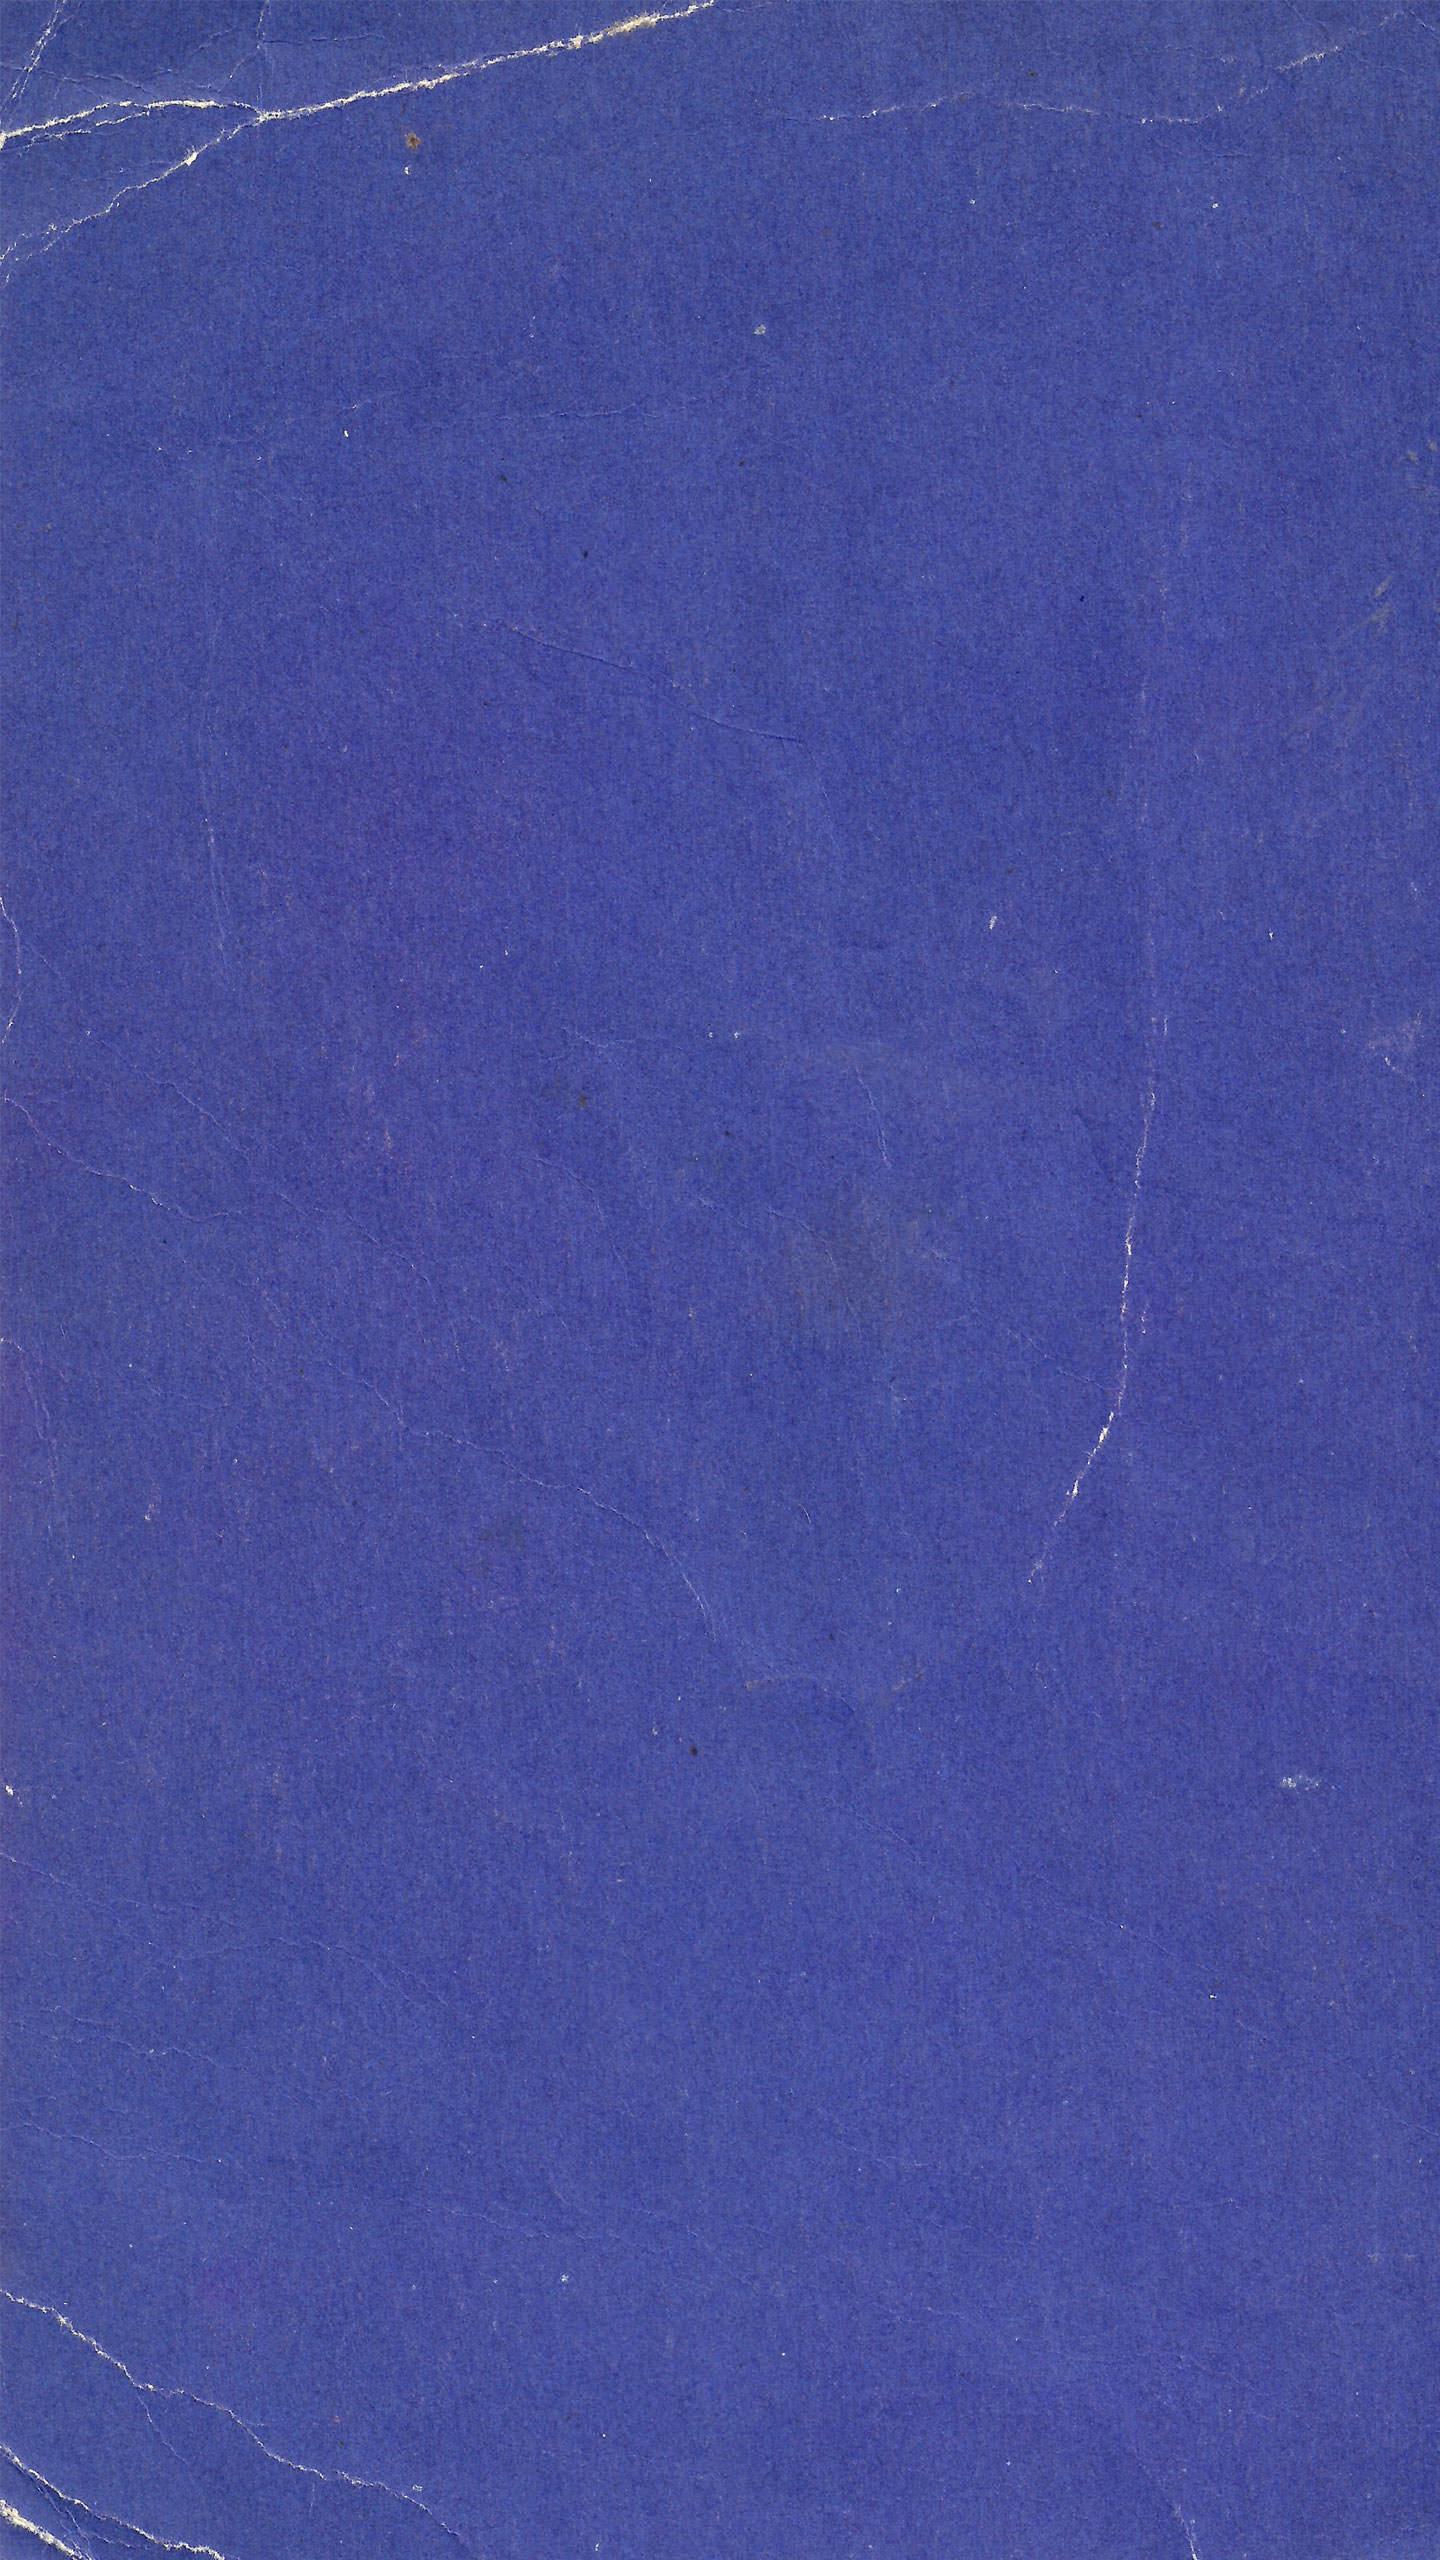 スマホQuadHD壁紙